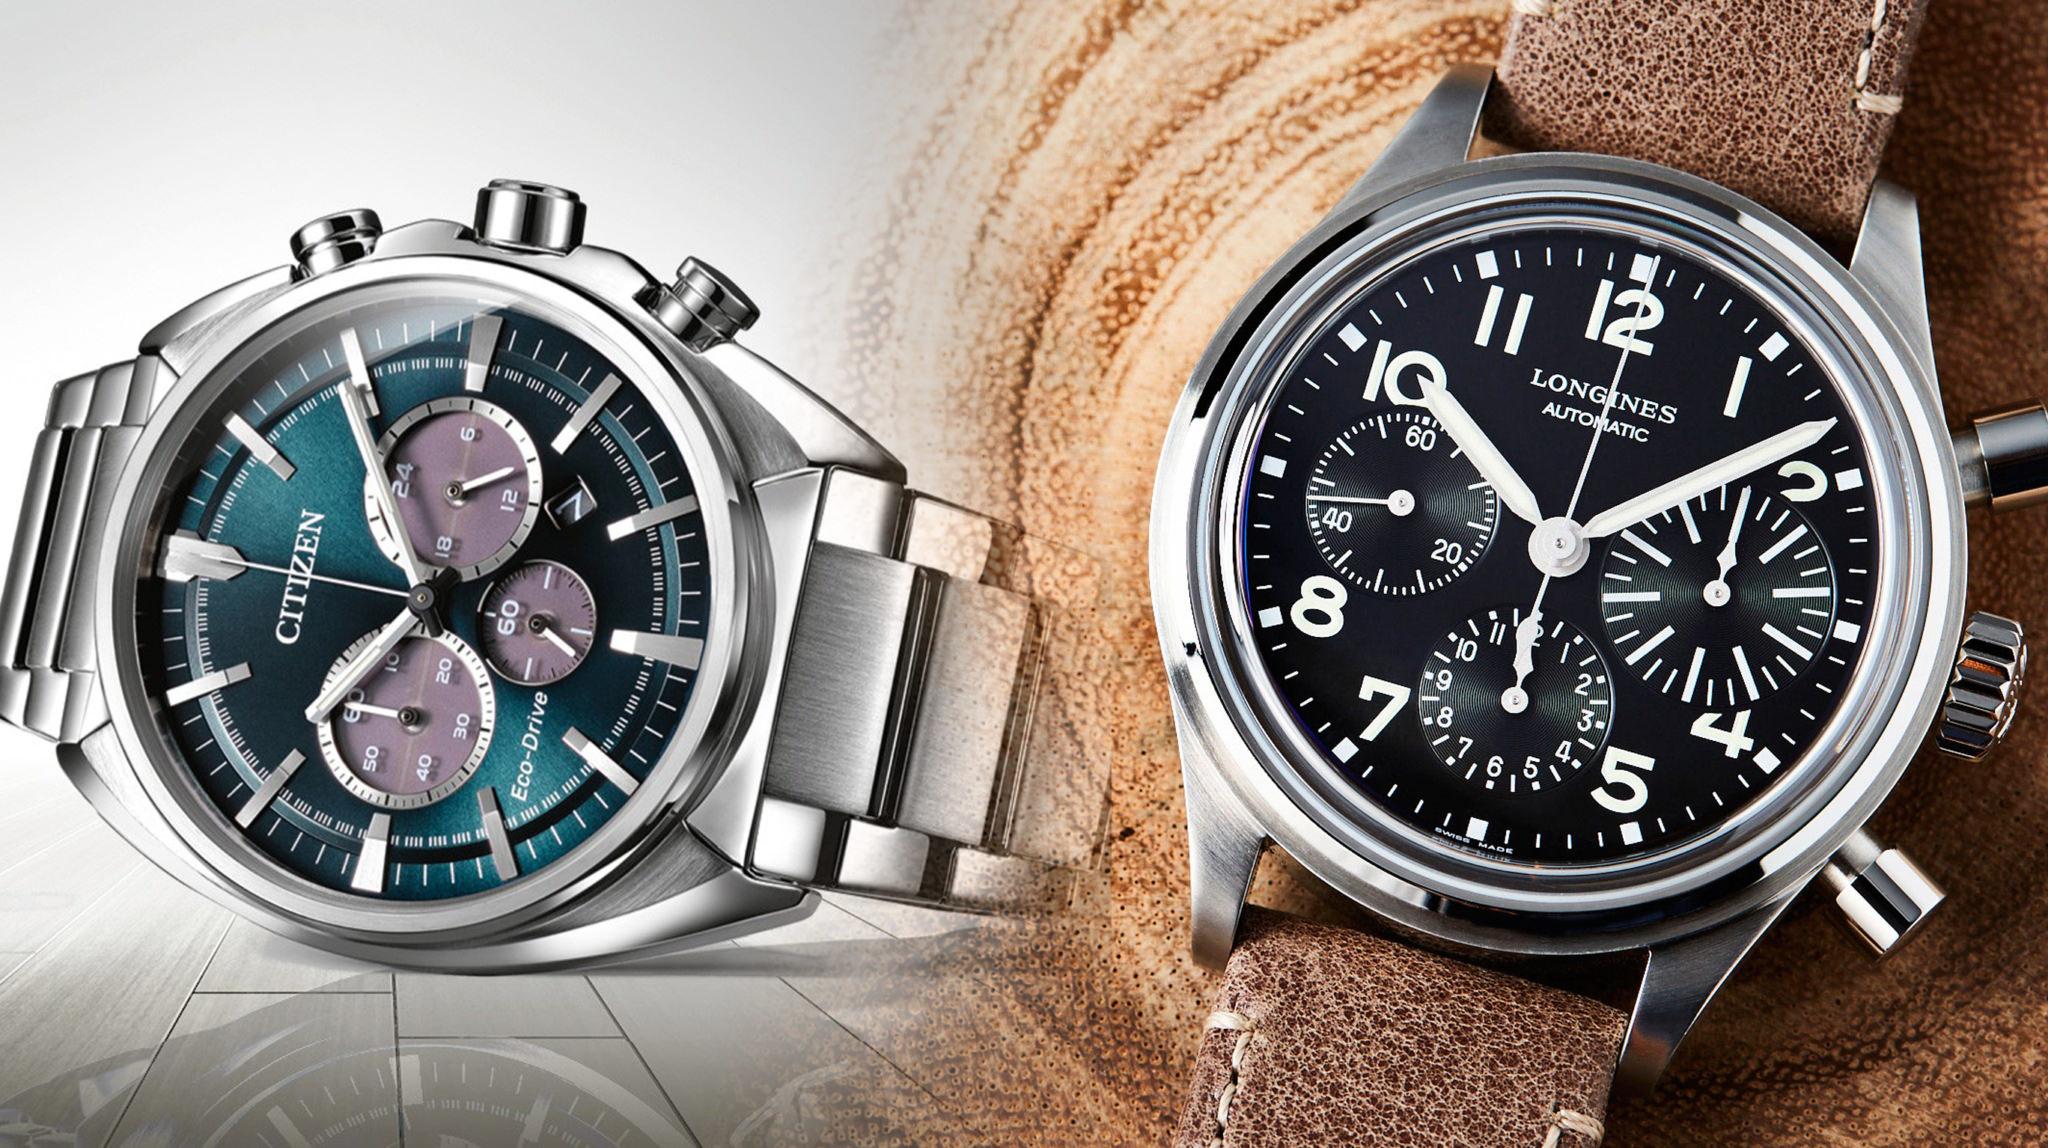 Cách sửa đồng hồ đeo tay bị gặp lỗi và trục trặc